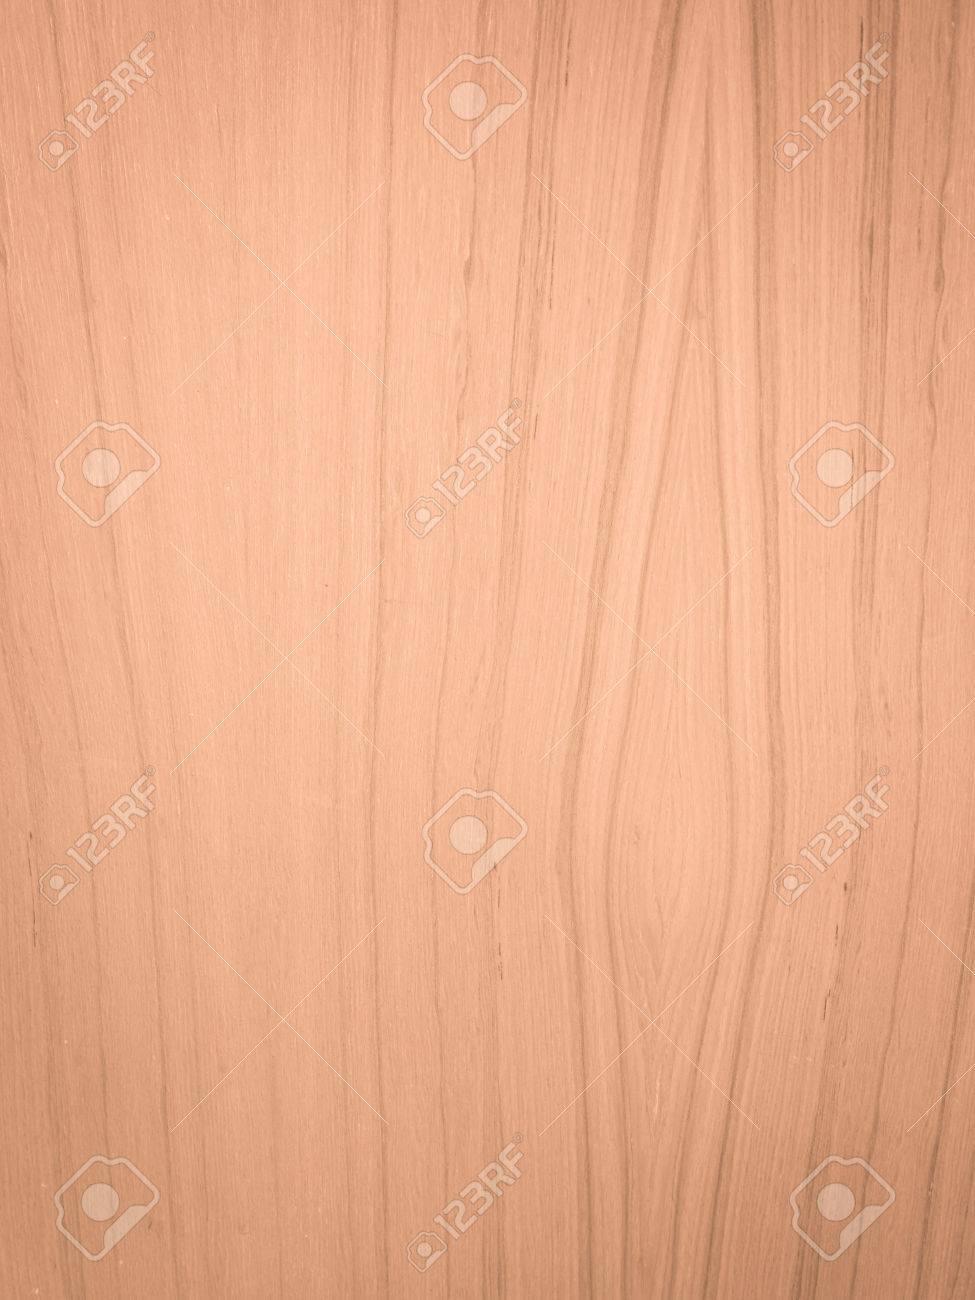 木の壁紙 の写真素材 画像素材 Image 32750210